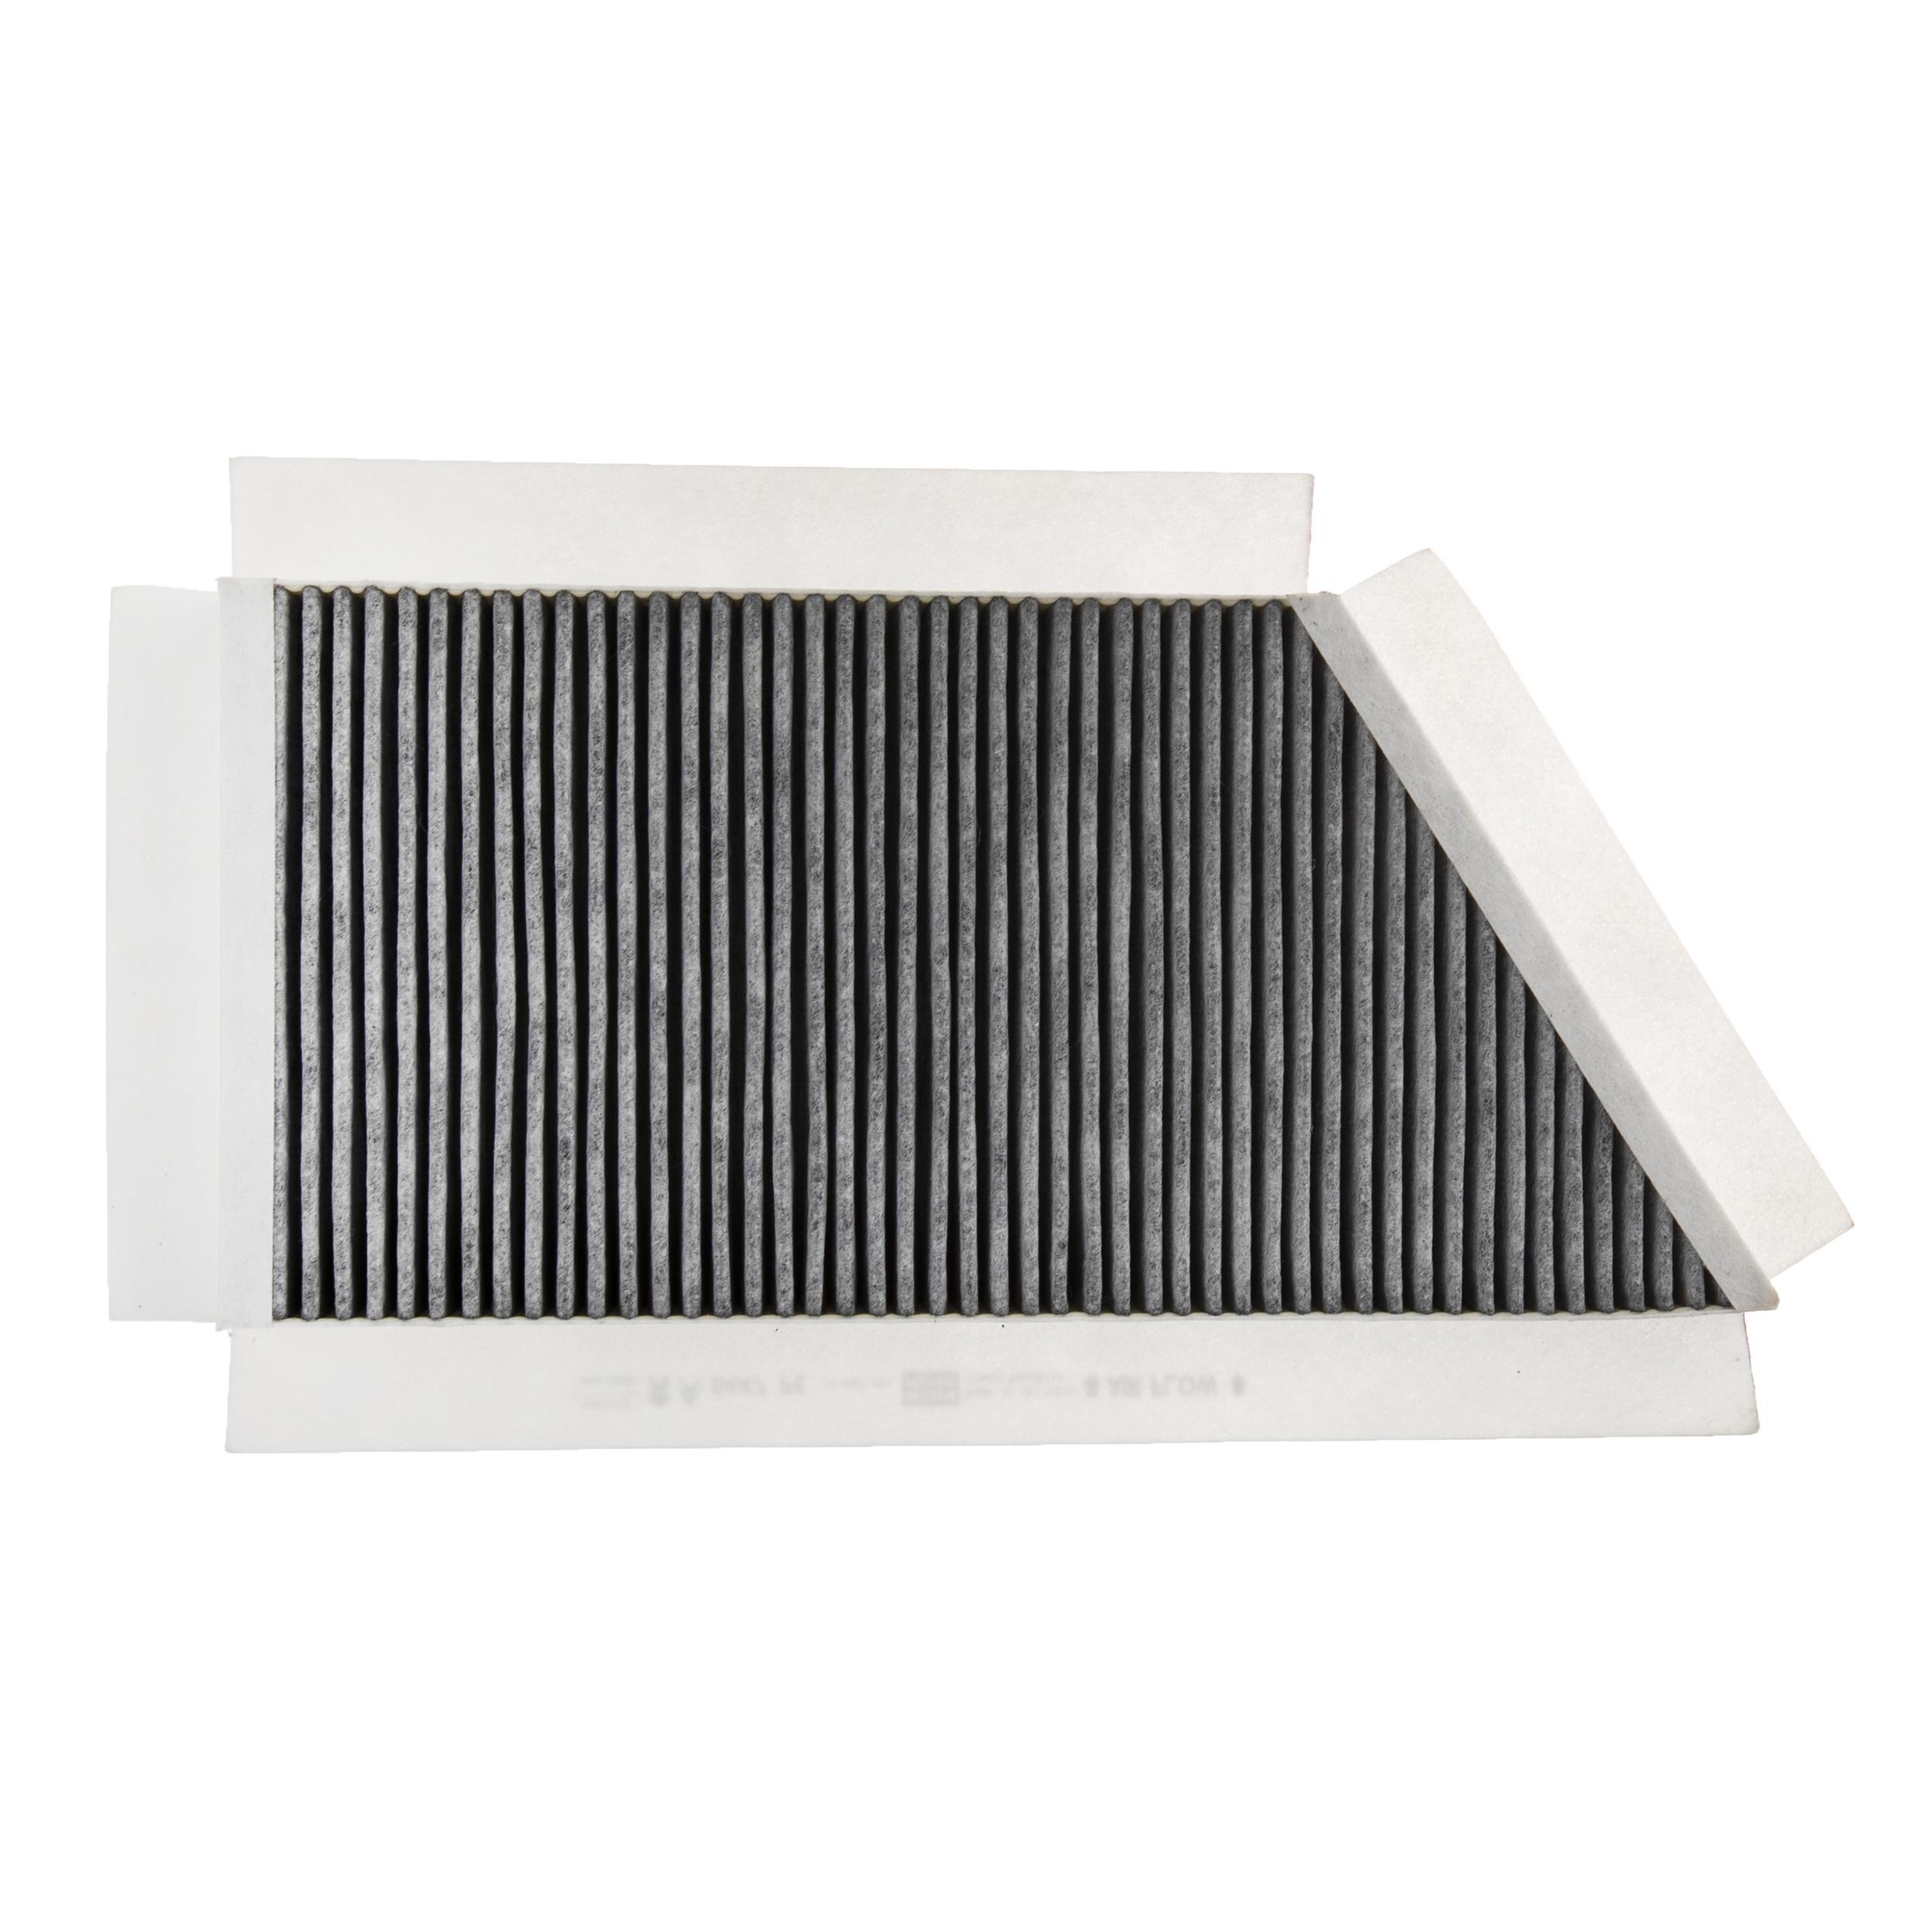 فیلتر کابین کربن اکتیو پژو سیتروئن مدل 6447PE مناسب برای پژو 206 و 207